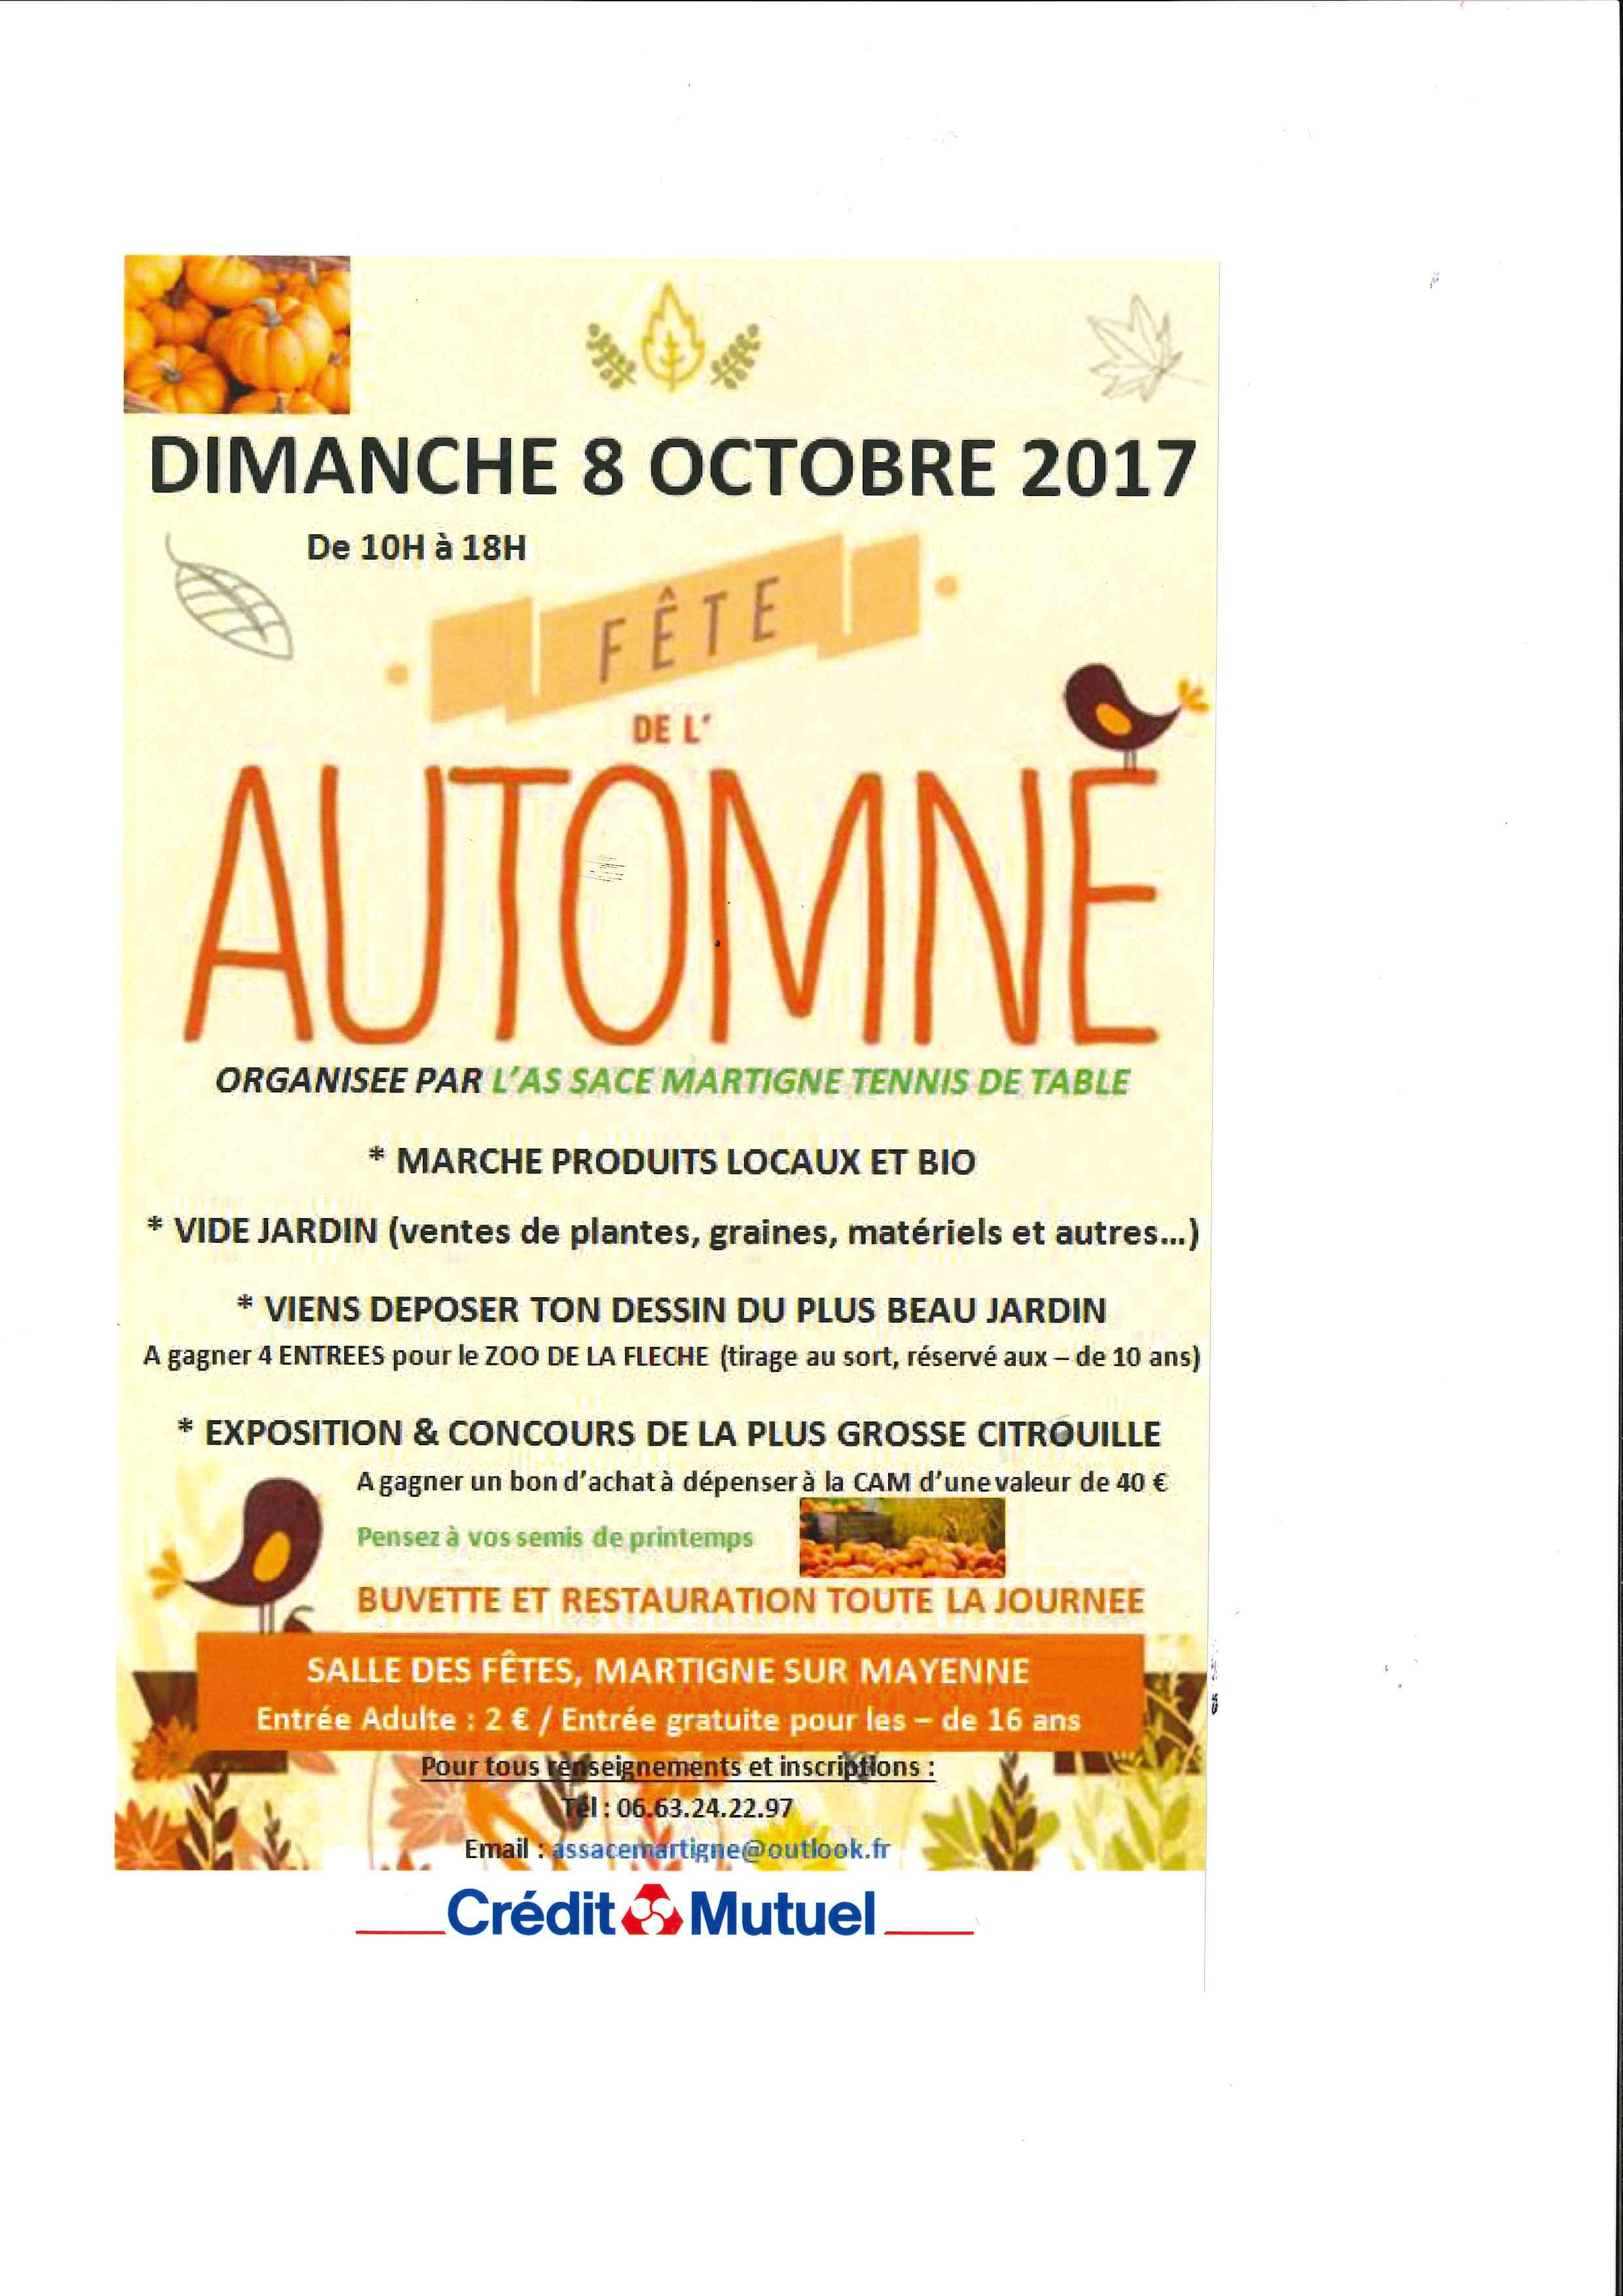 Fête de l'automne 2017 par l'AS SACE MARTIGNE Tennis de Table @ Salle des fêtes | Martigné-sur-Mayenne | Pays de la Loire | France